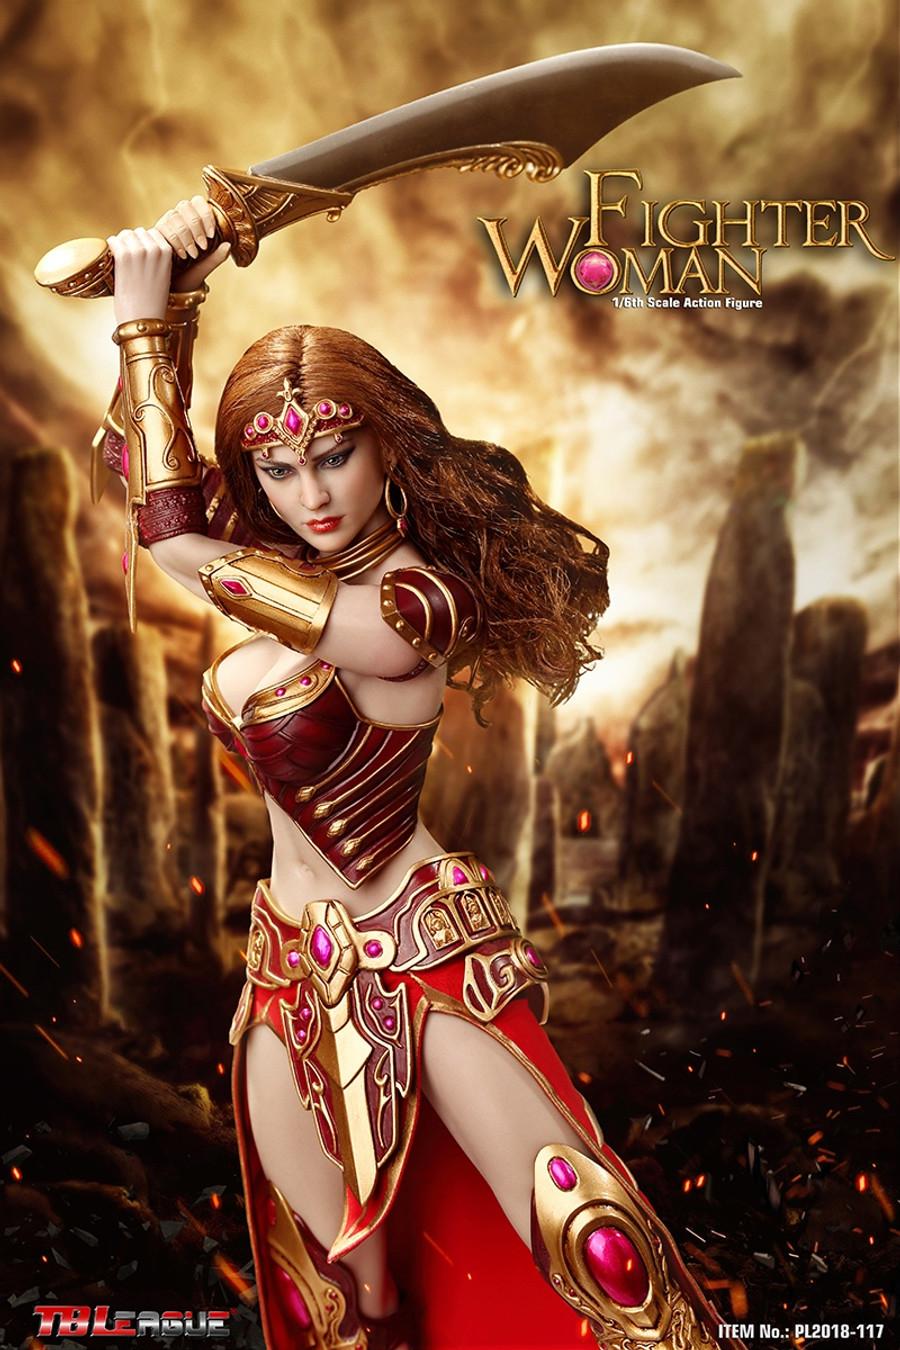 TBLeague - Fighter Woman